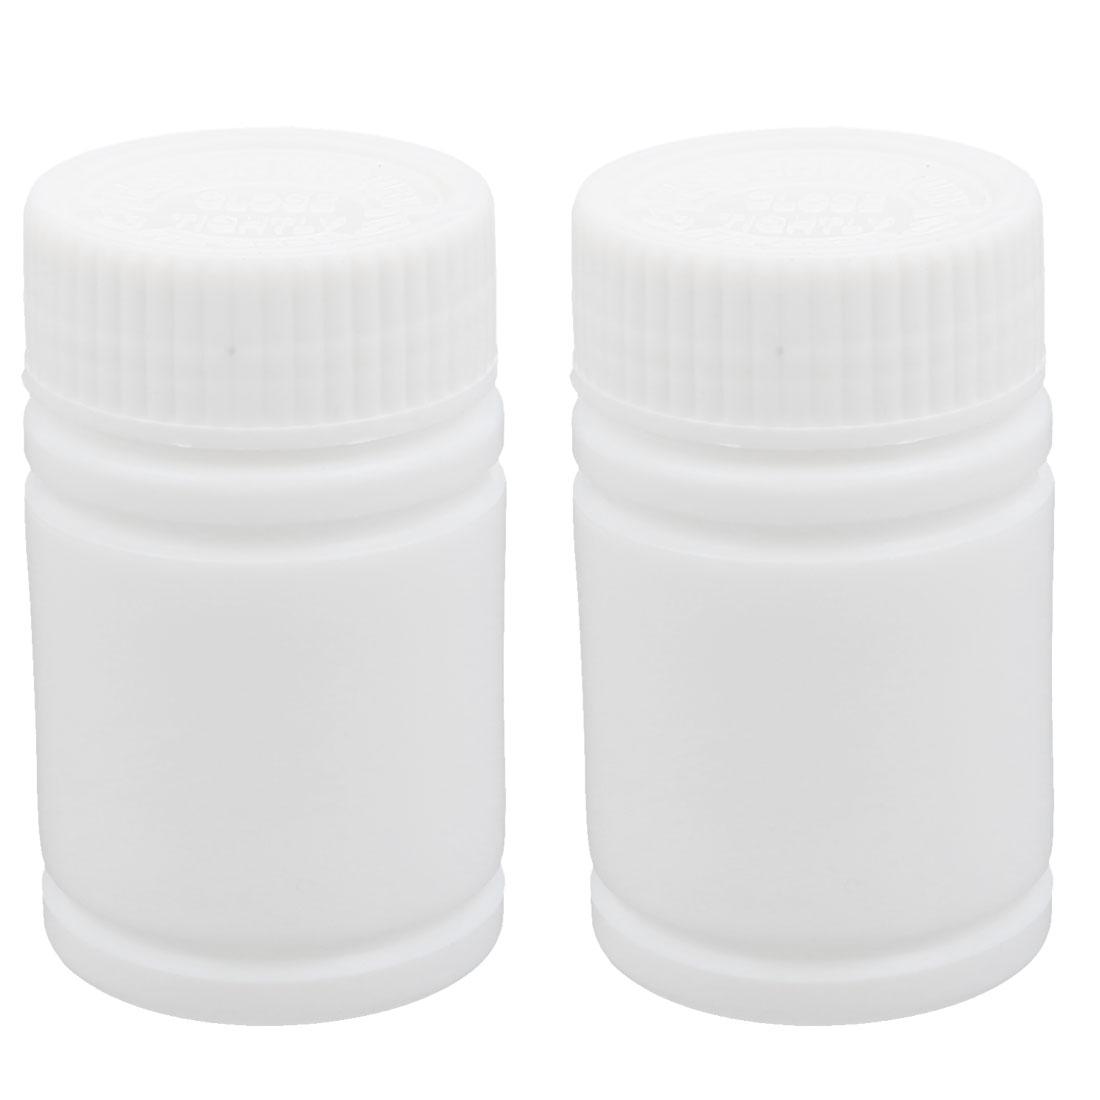 2Pcs 60ml Plastic White Wide Mouth Round Solid Powder Bottle Storage Jar